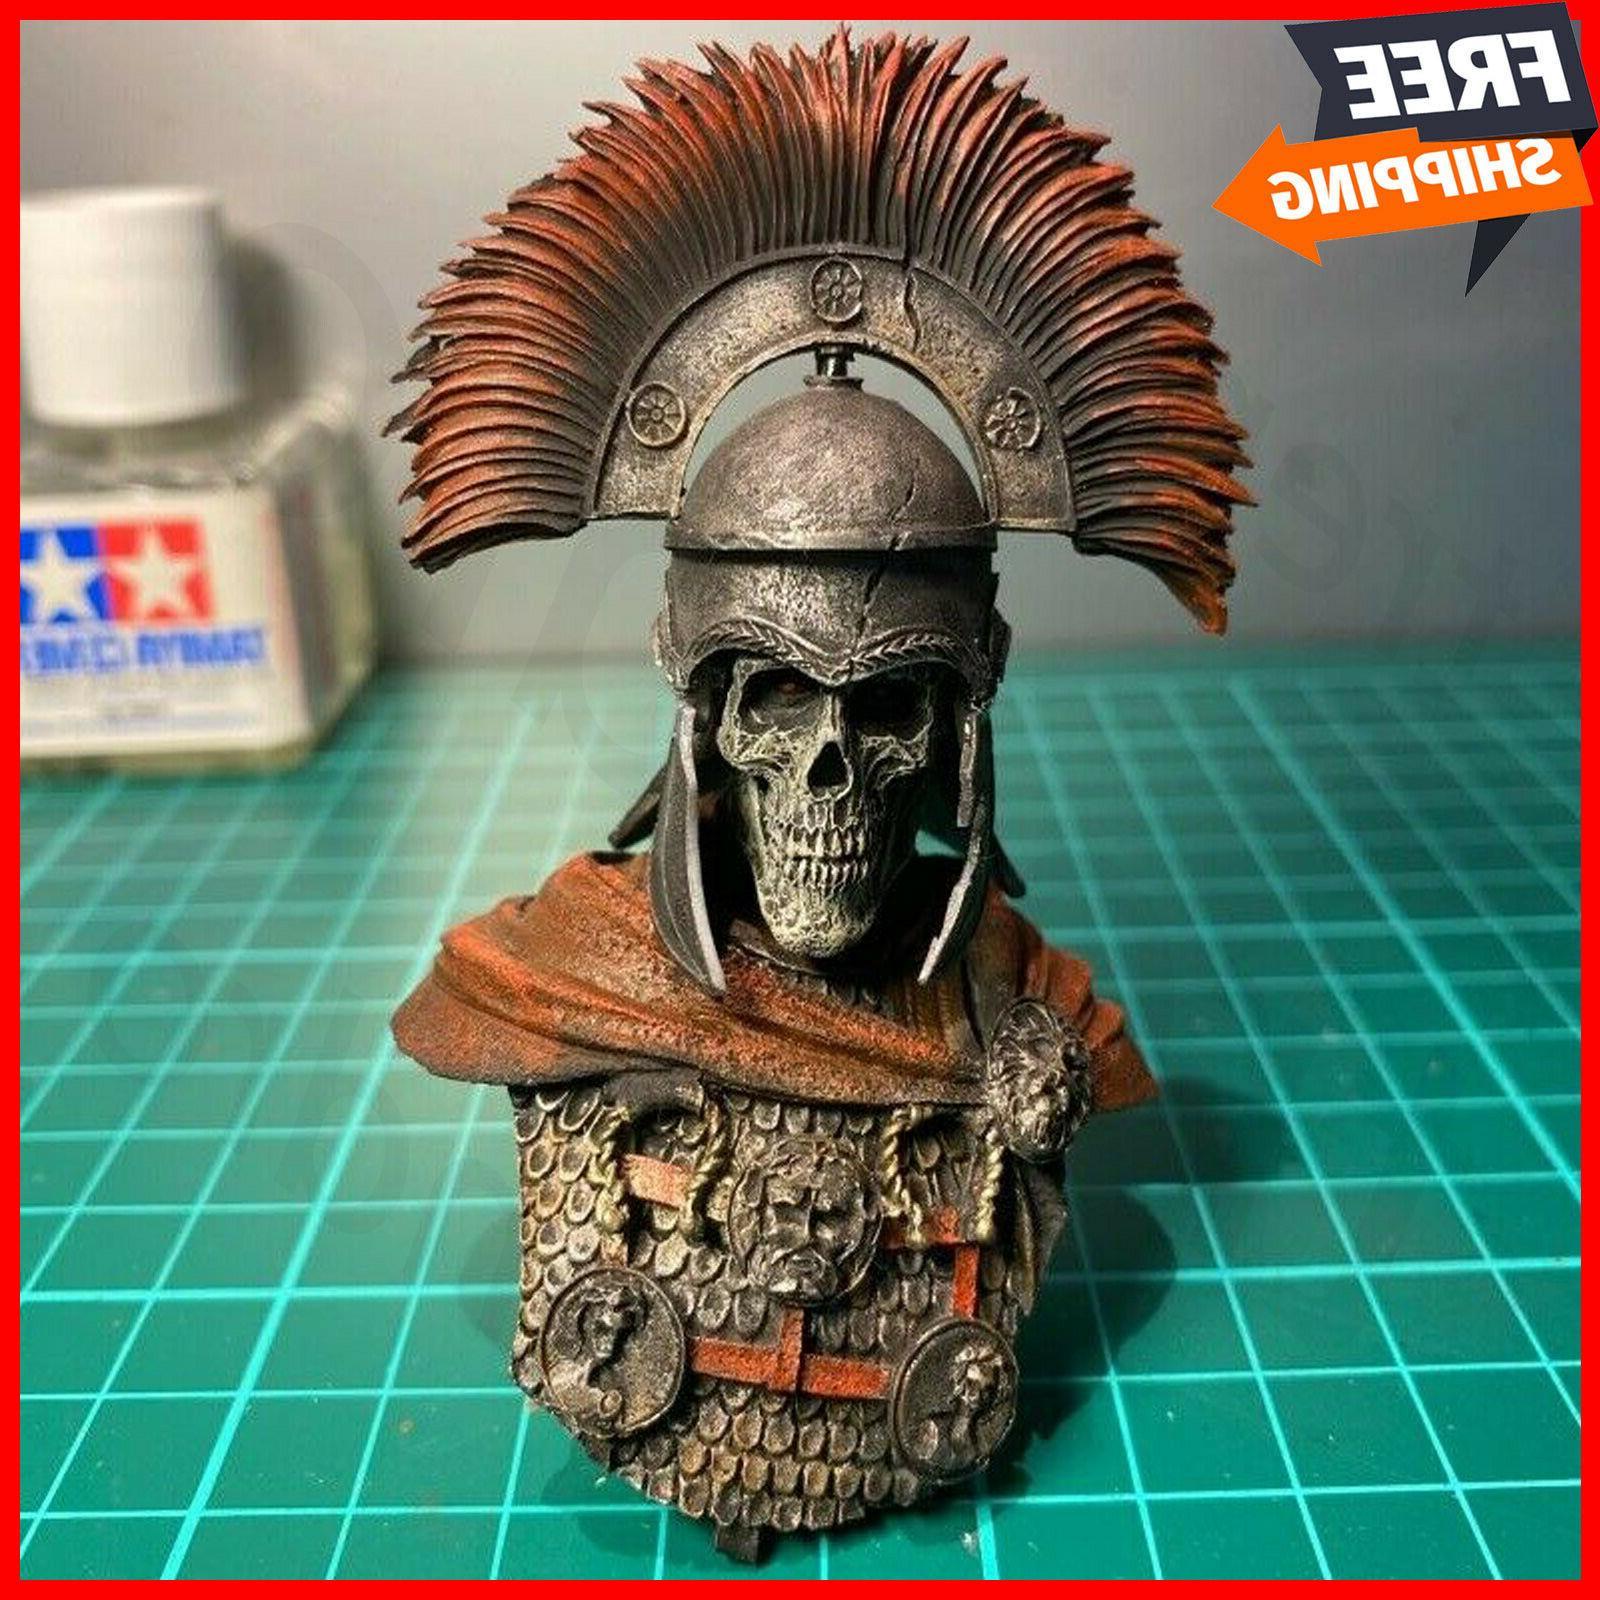 1/9 BUST Resin Figure Model Kit Centurion Skeleton The Last